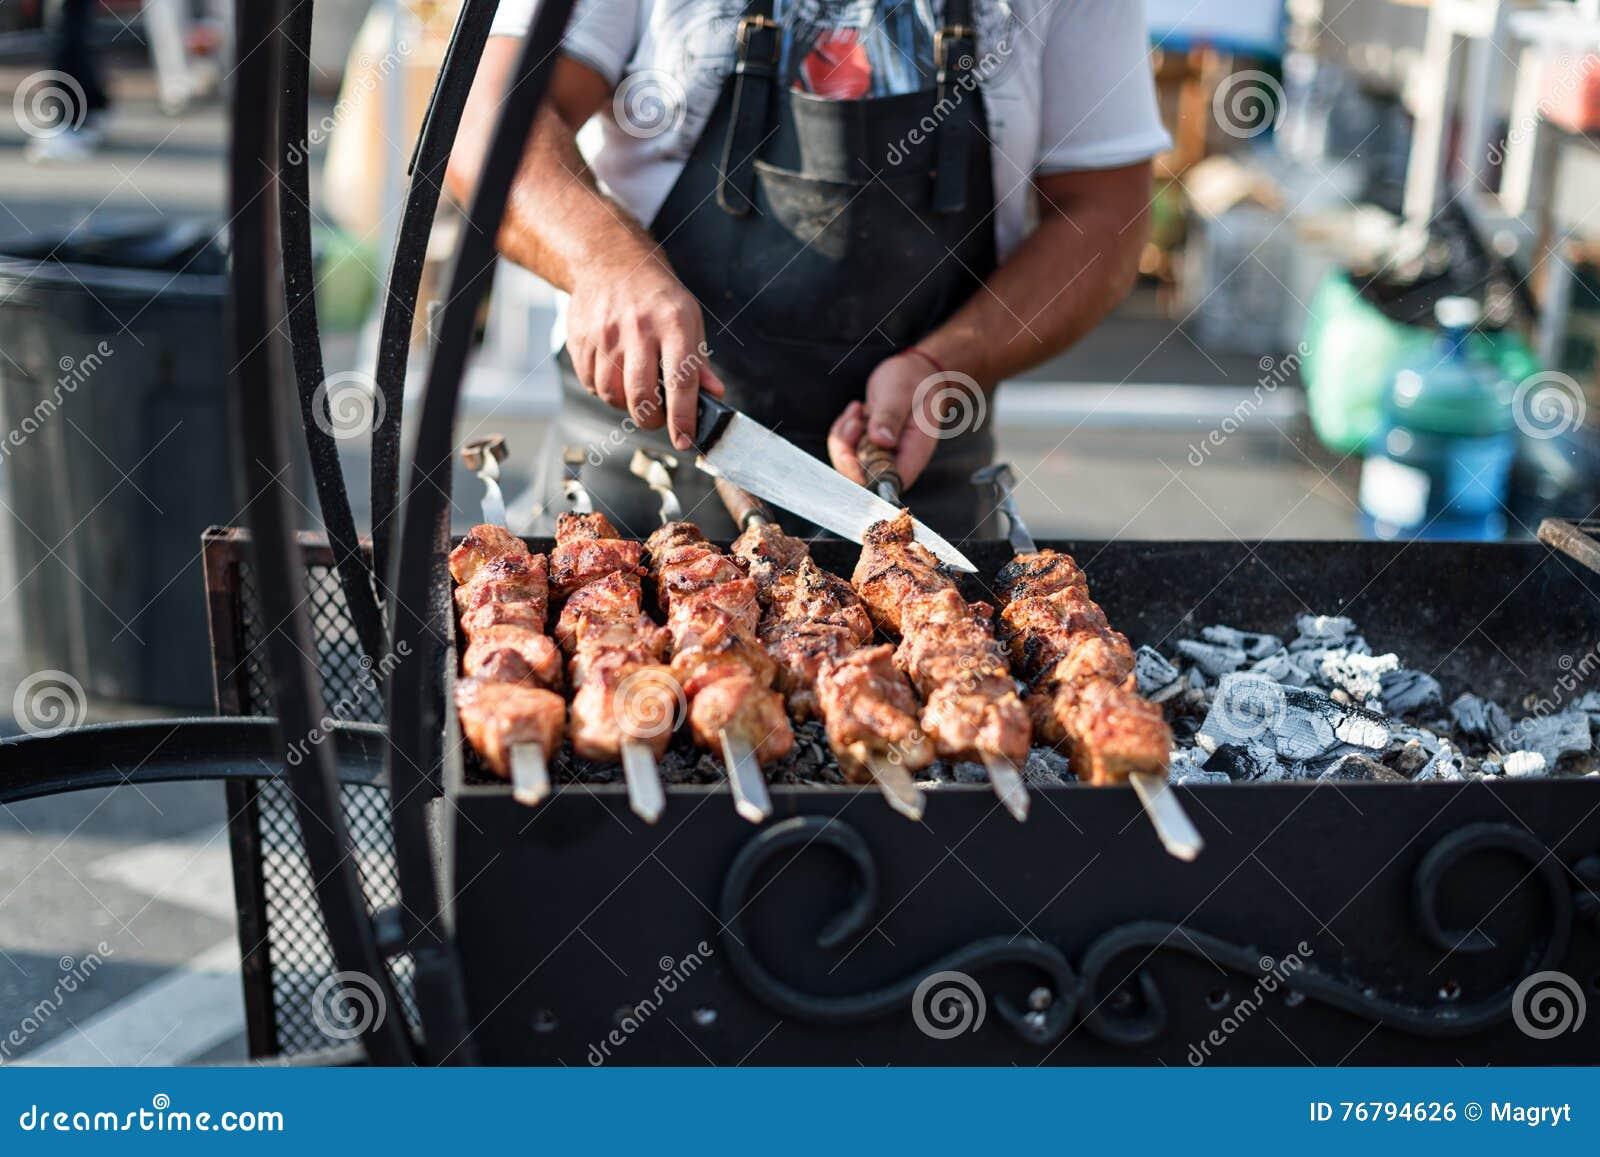 Equipaggi la cottura, solo le mani, lui sta tagliando la carne o la bistecca per un piatto Griglia deliziosa Fine settimana del b